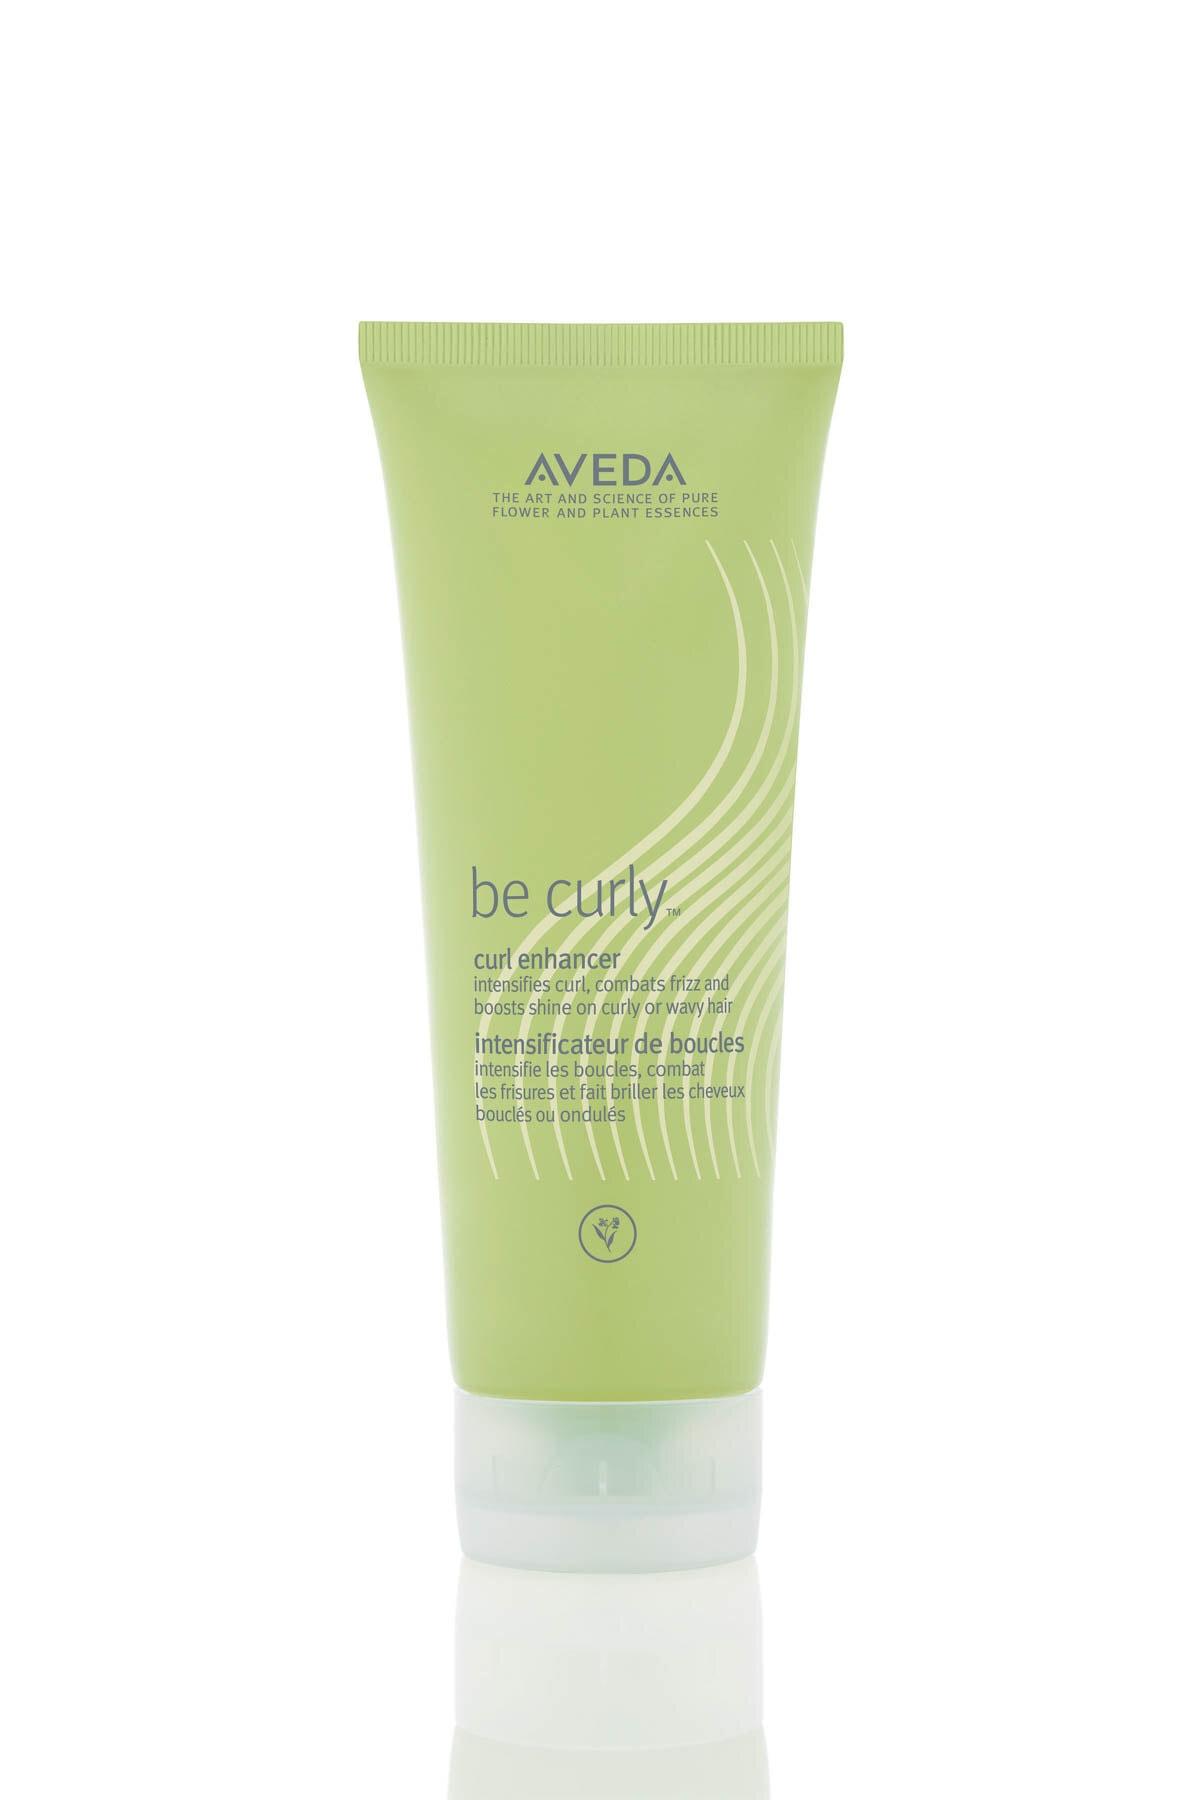 Aveda Be Curly Bukleli Saçlar için Saç Şekillendirici Krem 200ml 018084803479